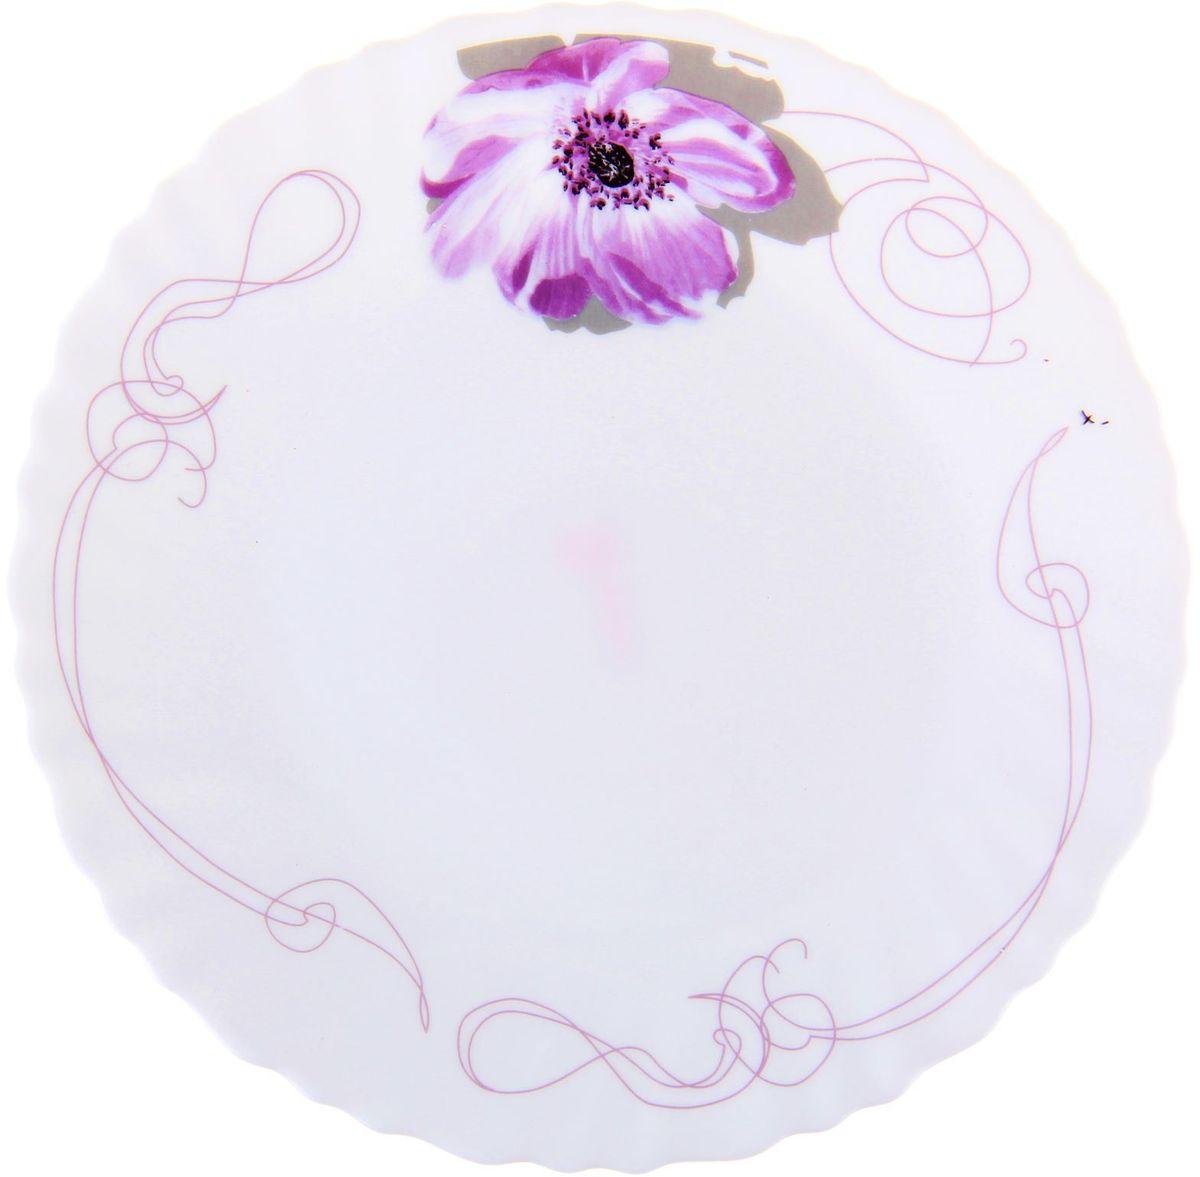 Тарелка Сиреневое блаженство, диаметр 26 см1152124Тарелка – важнейший предмет любого застолья. Будучи во главе стола, она привлекает к себе основное внимание. А это значит – рисунок, цвет и материал играют немаловажную роль.Почему во всем мире так ценится посуда из стеклокермики?Универсальна. Ее можно использовать и для приготовления пищи, и для безопасного хранения любых готовых блюд. В такой посуде можно кипятить, варить, жарить парить, тушить и запекать любые продукты.Ударопрочна и травмобезопасна. Термическое стекло – очень прочный материал, который не поддается механическим нагрузкам, не бьется, не колется и не трескается.Термически устойчива (жаропрочна). Посуда не деформируется при нагреве и подходит для СВЧ-печей.Химически инертна. Стеклянные поверхности посуды совершенно нечувствительны к воздействию моющих и чистящих средств.Экологически и гигиенически безопасна. Стеклокерамика – исключительно «чистый» материал, не выделяющий вредных летучих соединений даже при сильном нагреве, не впитывает запахов и не передает их хранящейся или готовящейся пище.Удобна в уходе. Моется обычной теплой водой, не формирует накипь и нагар.Эстетически привлекательна. Прозрачное, матовое и тонированное термическое стекло имеет оригинальный вид, который сохраняется в любых технических условиях на долгие годы.